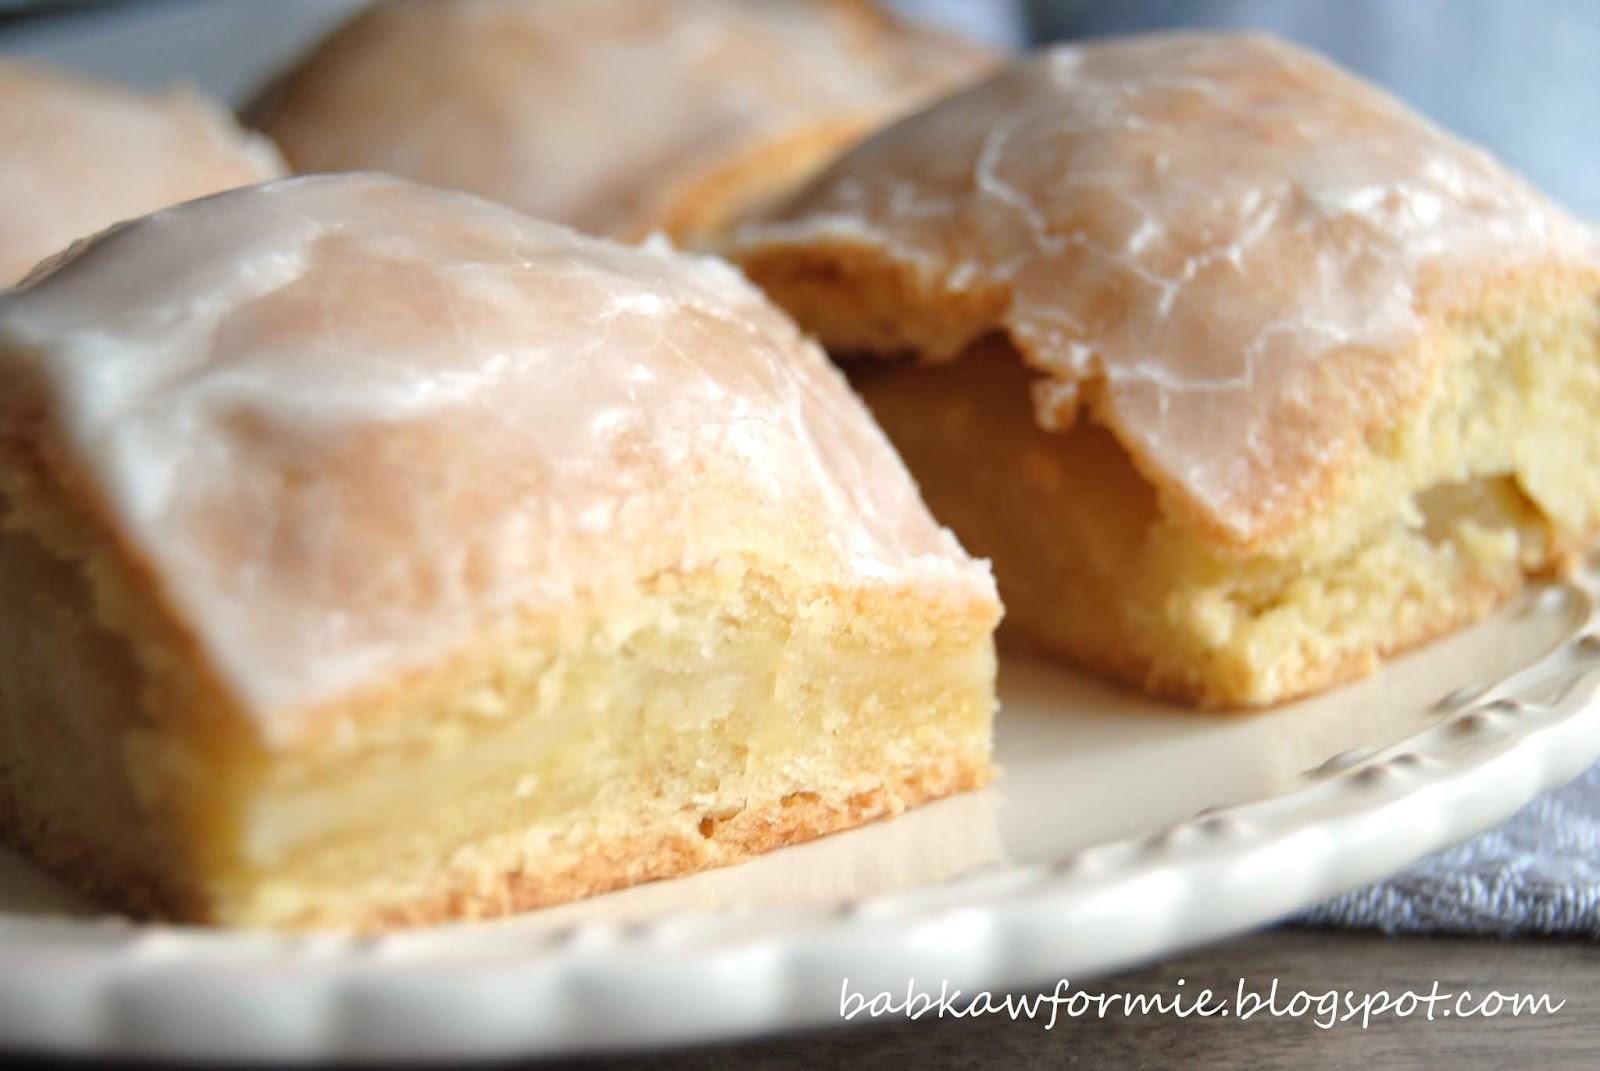 ciasto z połówkami jabłek babkawformie.blogspot.com